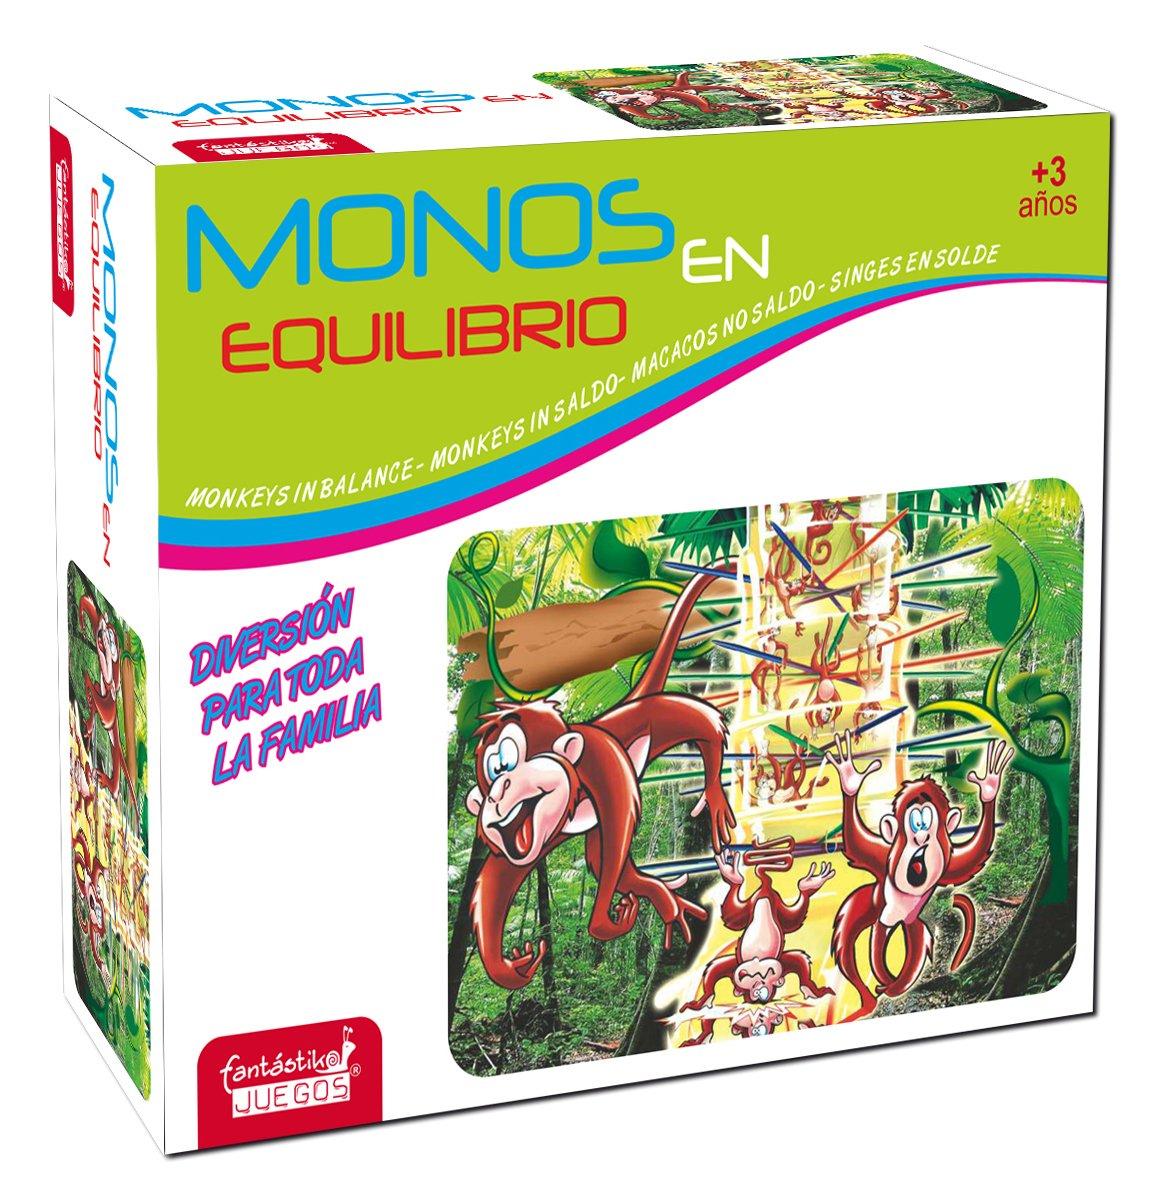 JUINSA- Juego Monos Quita la Rama, Multicolor, 21 x 27 cm (9843): Amazon.es: Juguetes y juegos